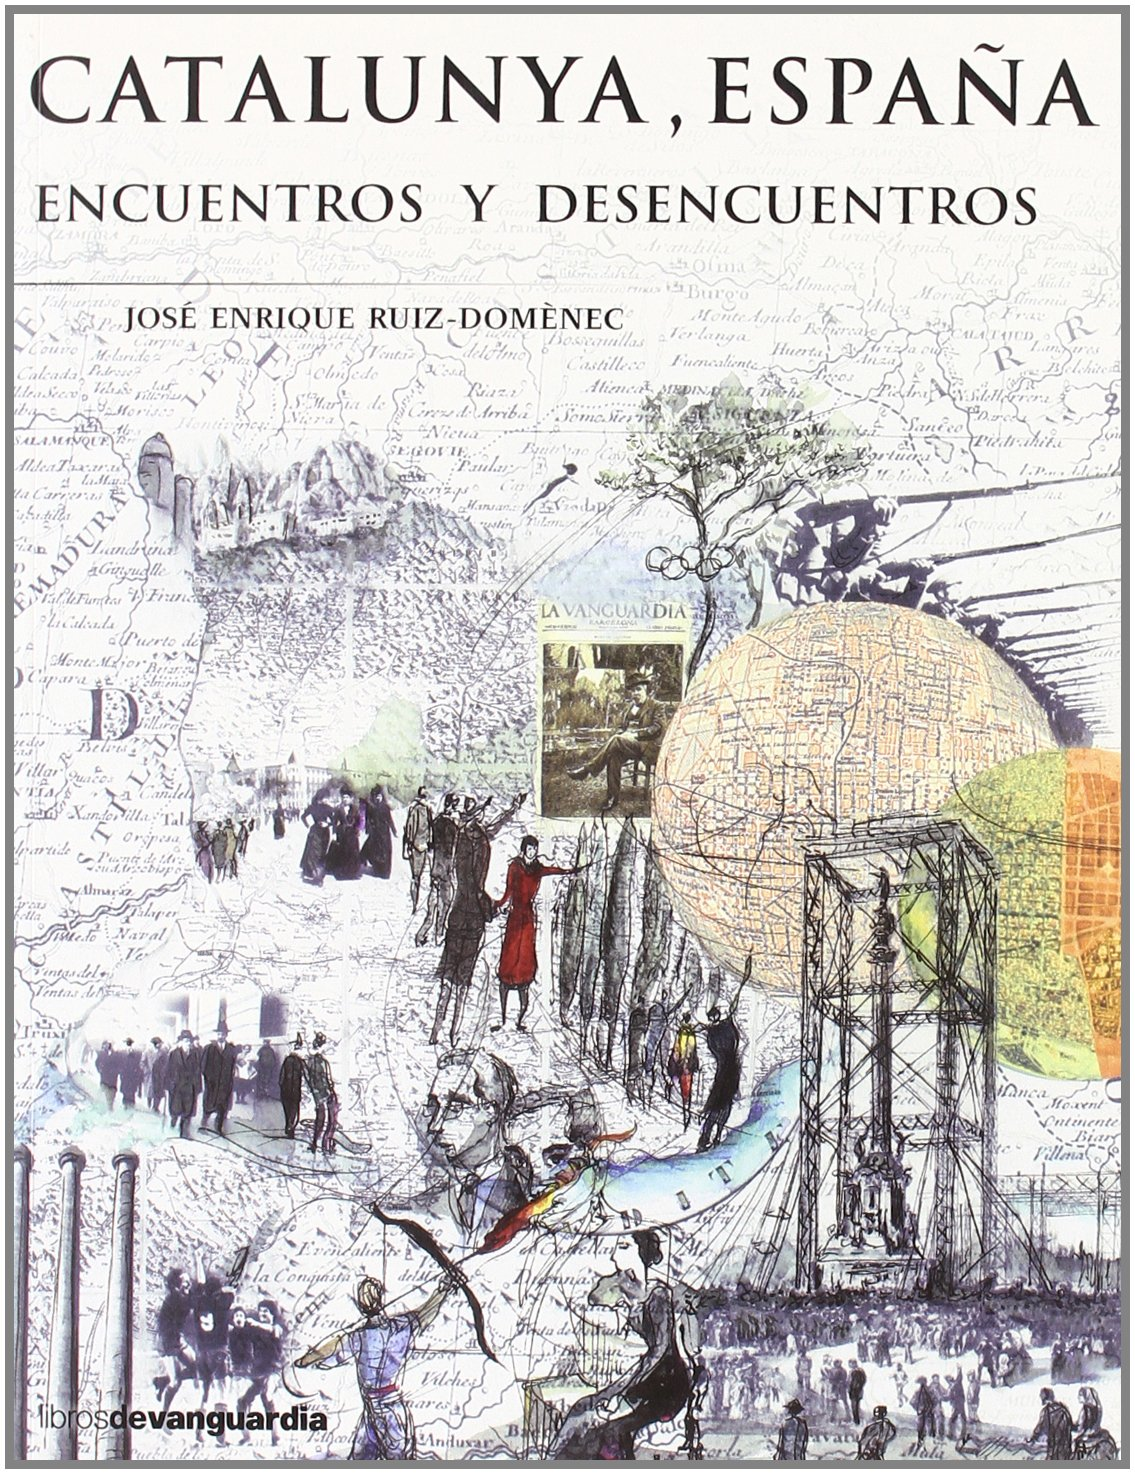 Catalunya, España - encuentros y desencuentros: Amazon.es: Ruiz-Domenech, J.E.: Libros